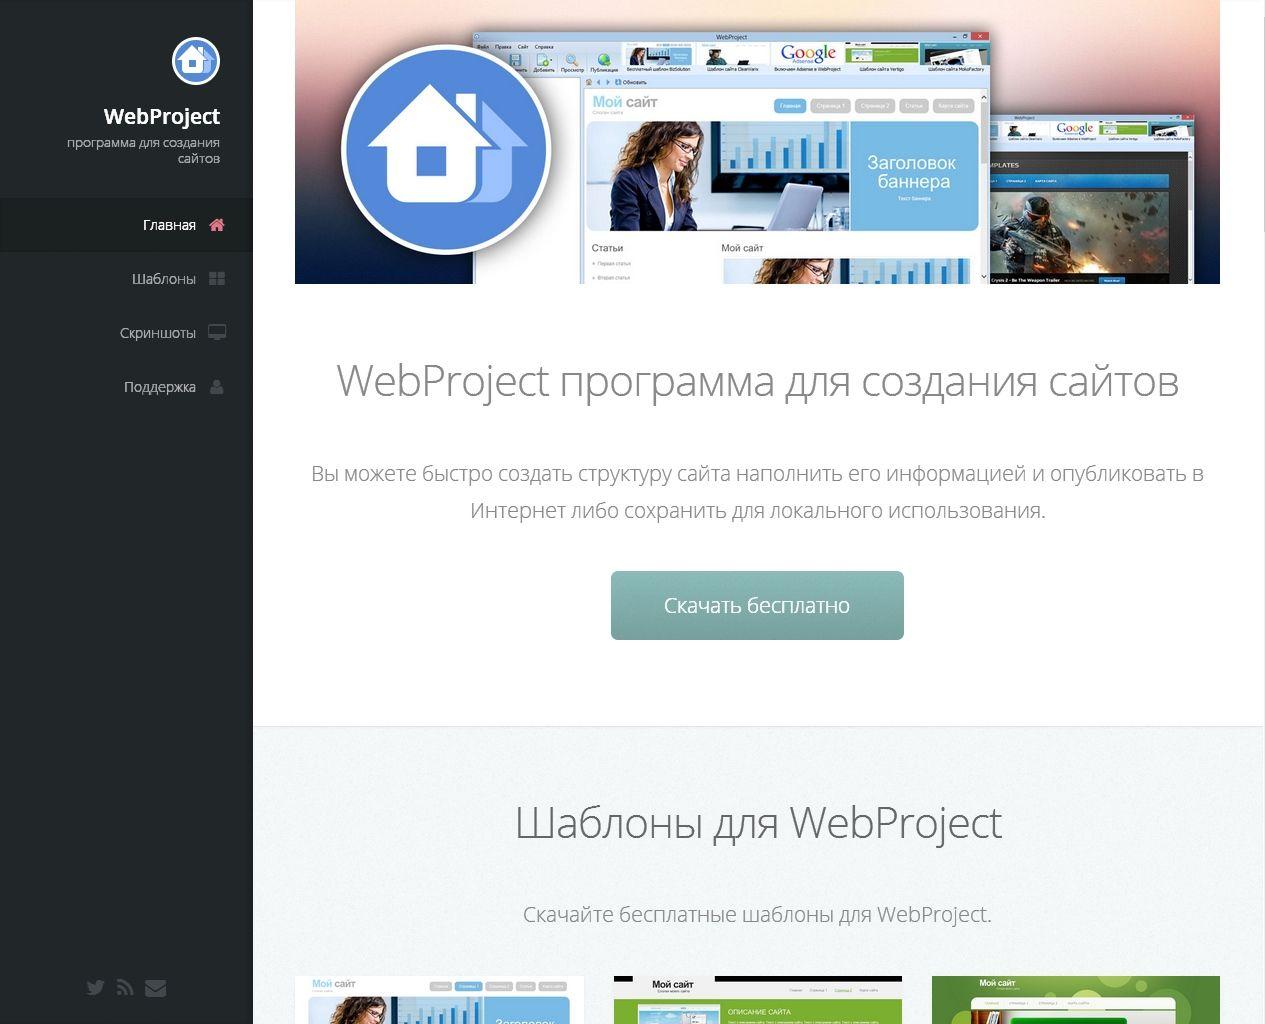 Программа для создания сайтов на html как сделать из сайта интернет магазин